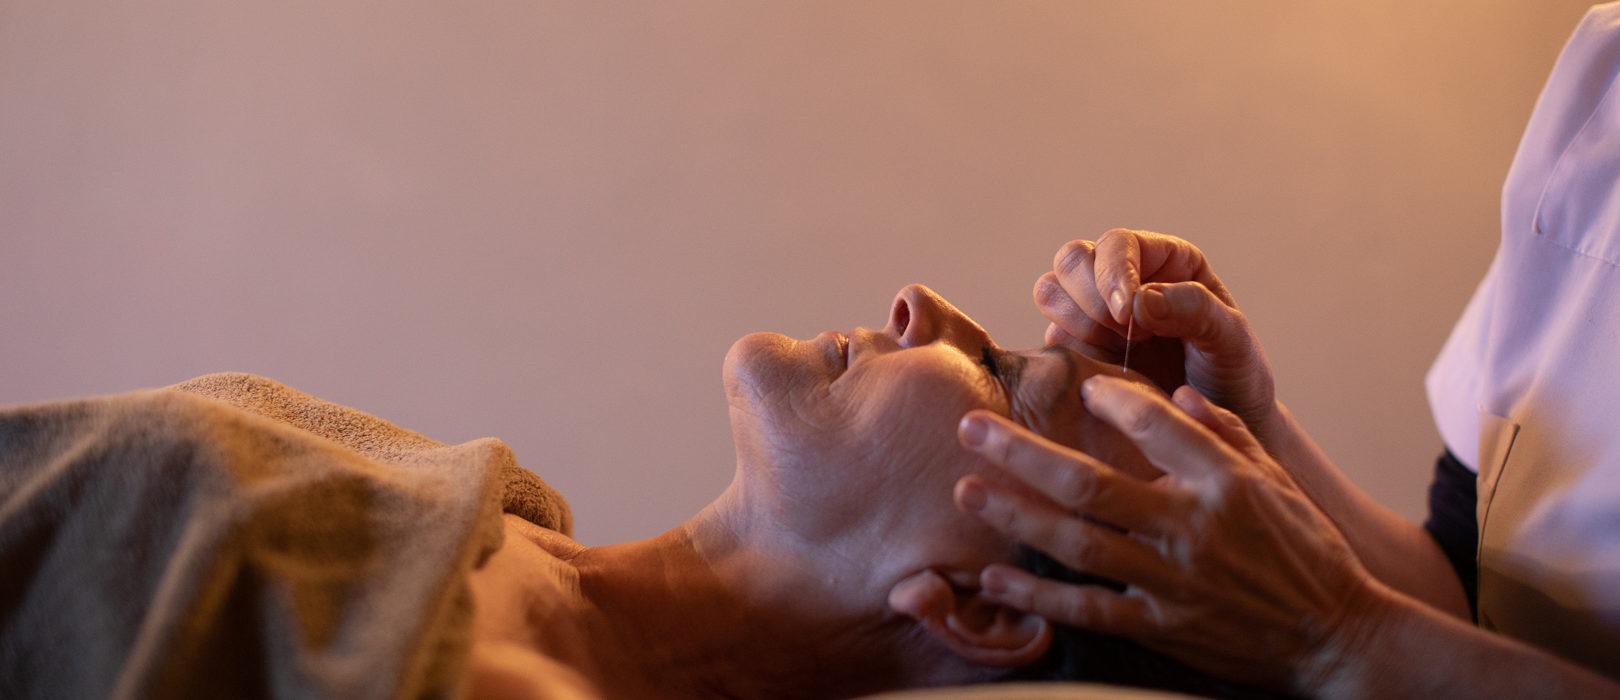 Séance de lifting par acupuncture